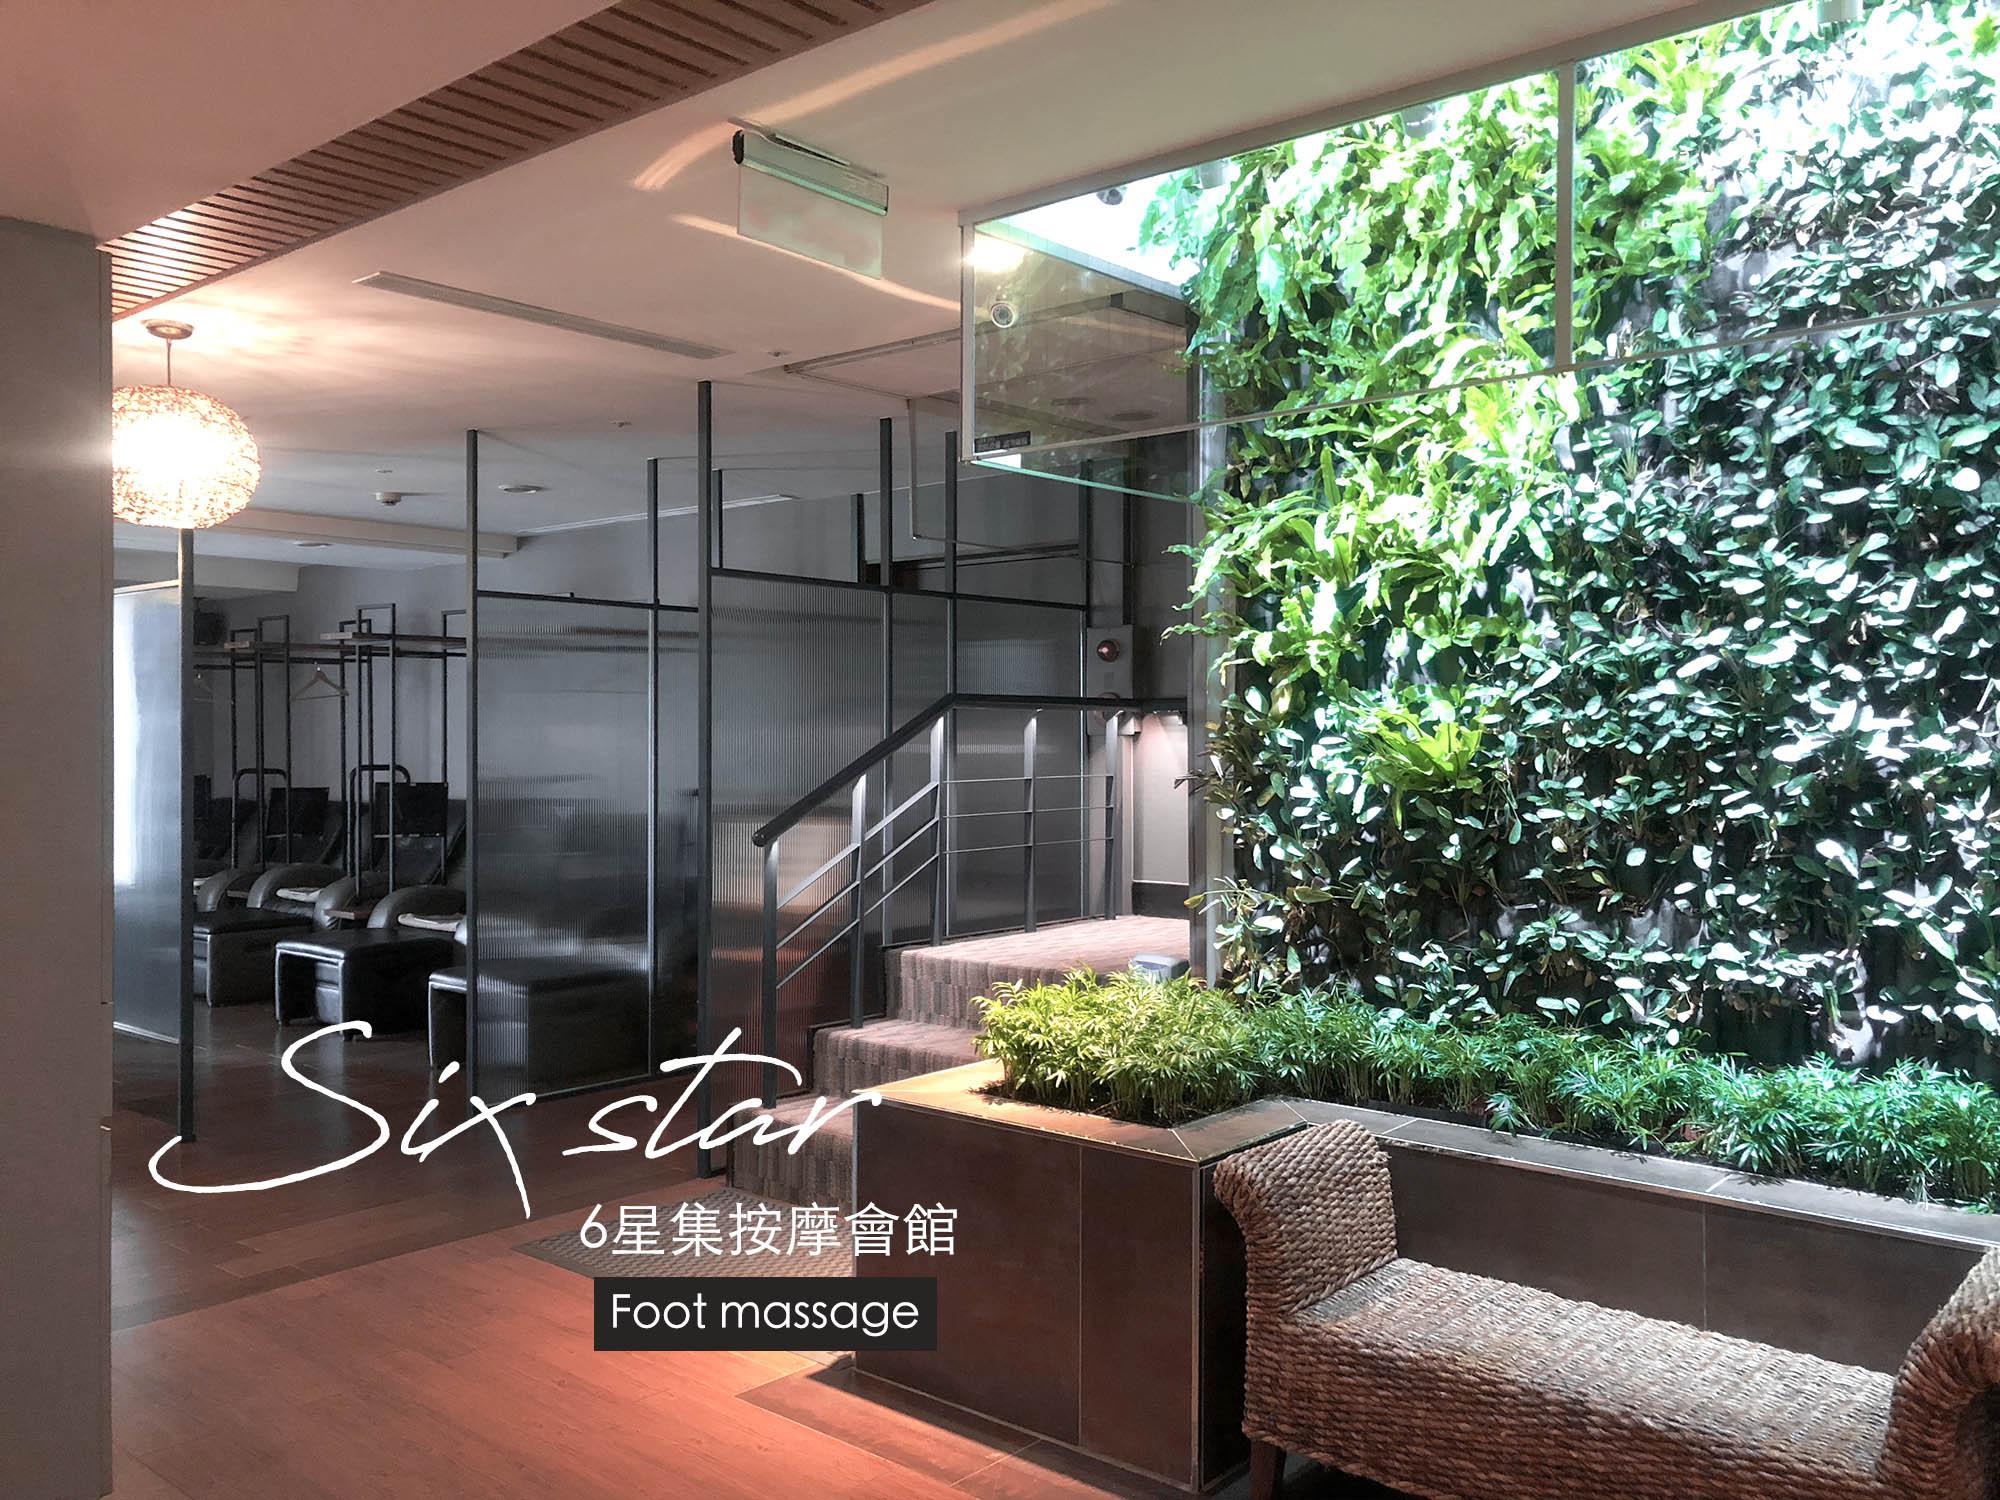 台北-六星集按摩南京會館|全新南洋風植栽打造,不愧是按摩連鎖先驅,腳底按摩超舒服紓壓!